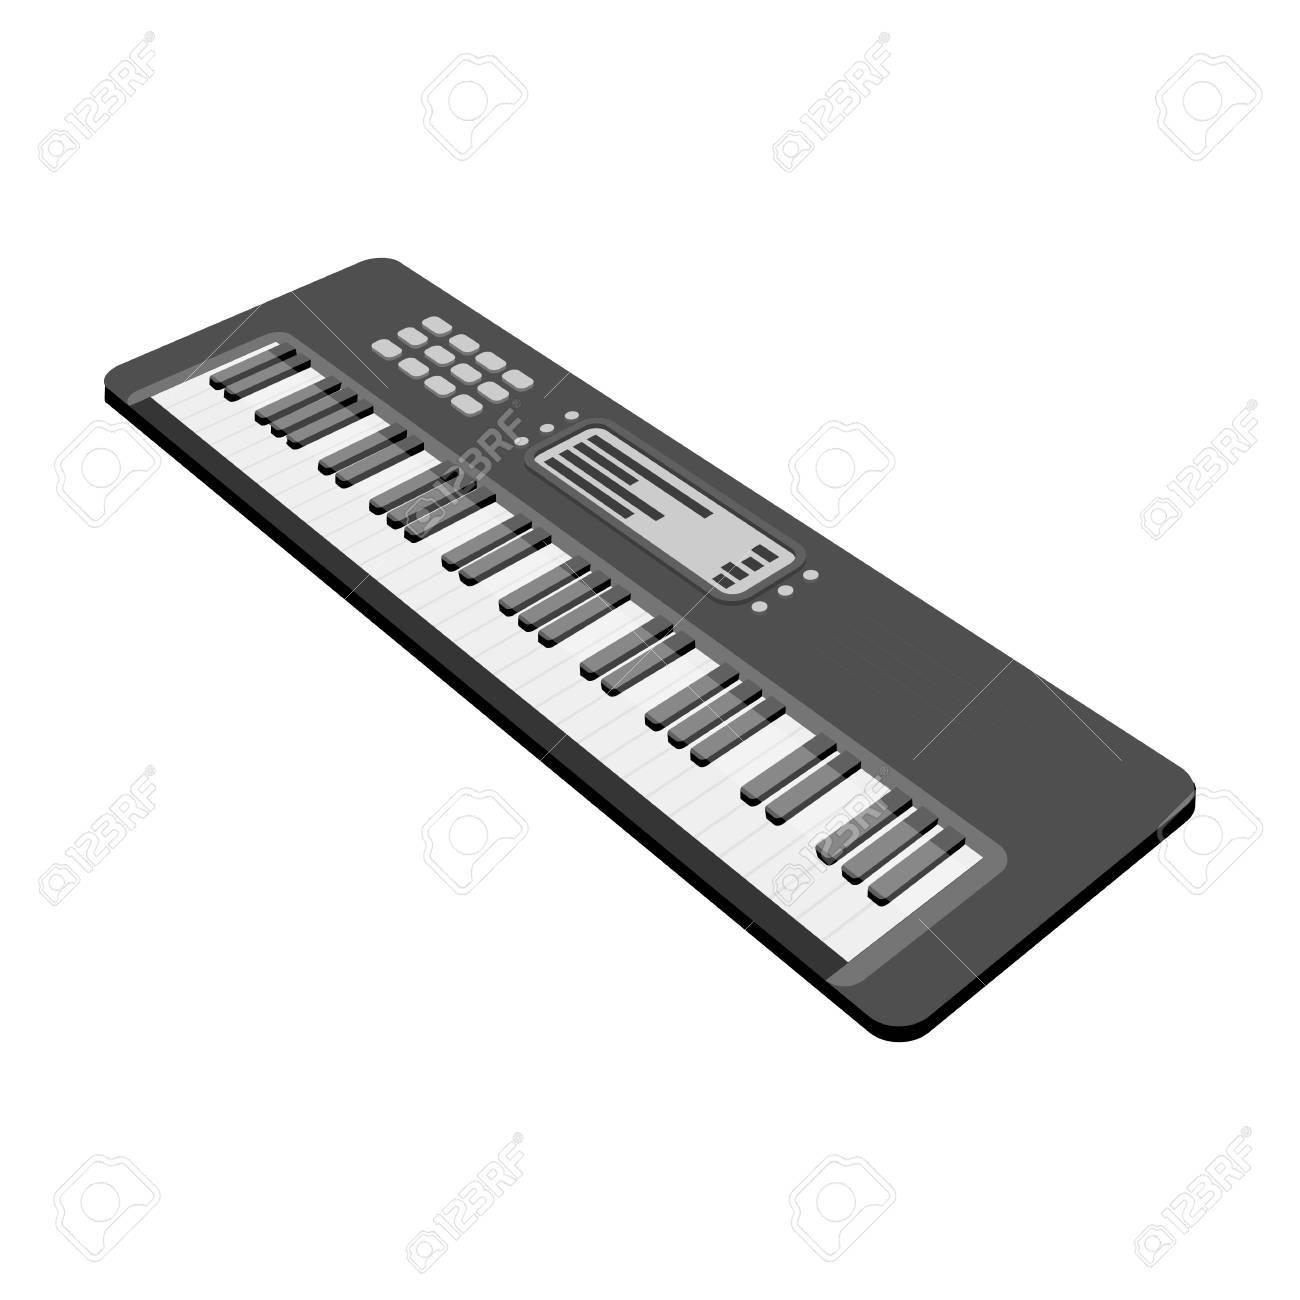 a1b222d88673a Foto de archivo - Teclado instrumento musical electrónico. Sintetizador de  melodía solo icono en dibujos animados estilo vector símbolo stock  ilustración ...